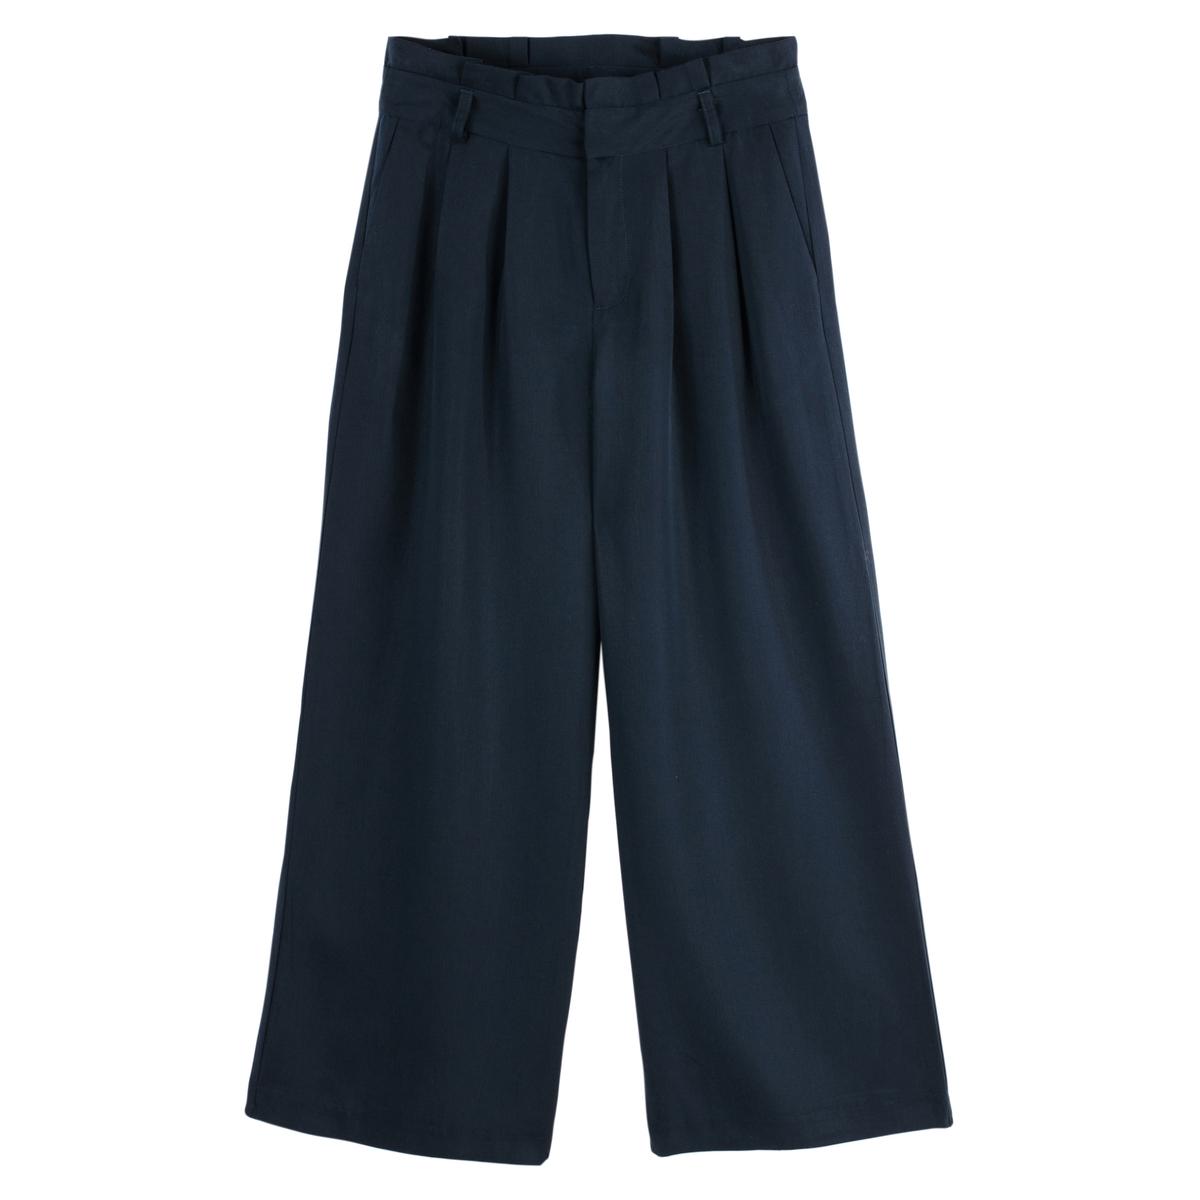 Pantalón loose ancho de Lyocell, talle algo